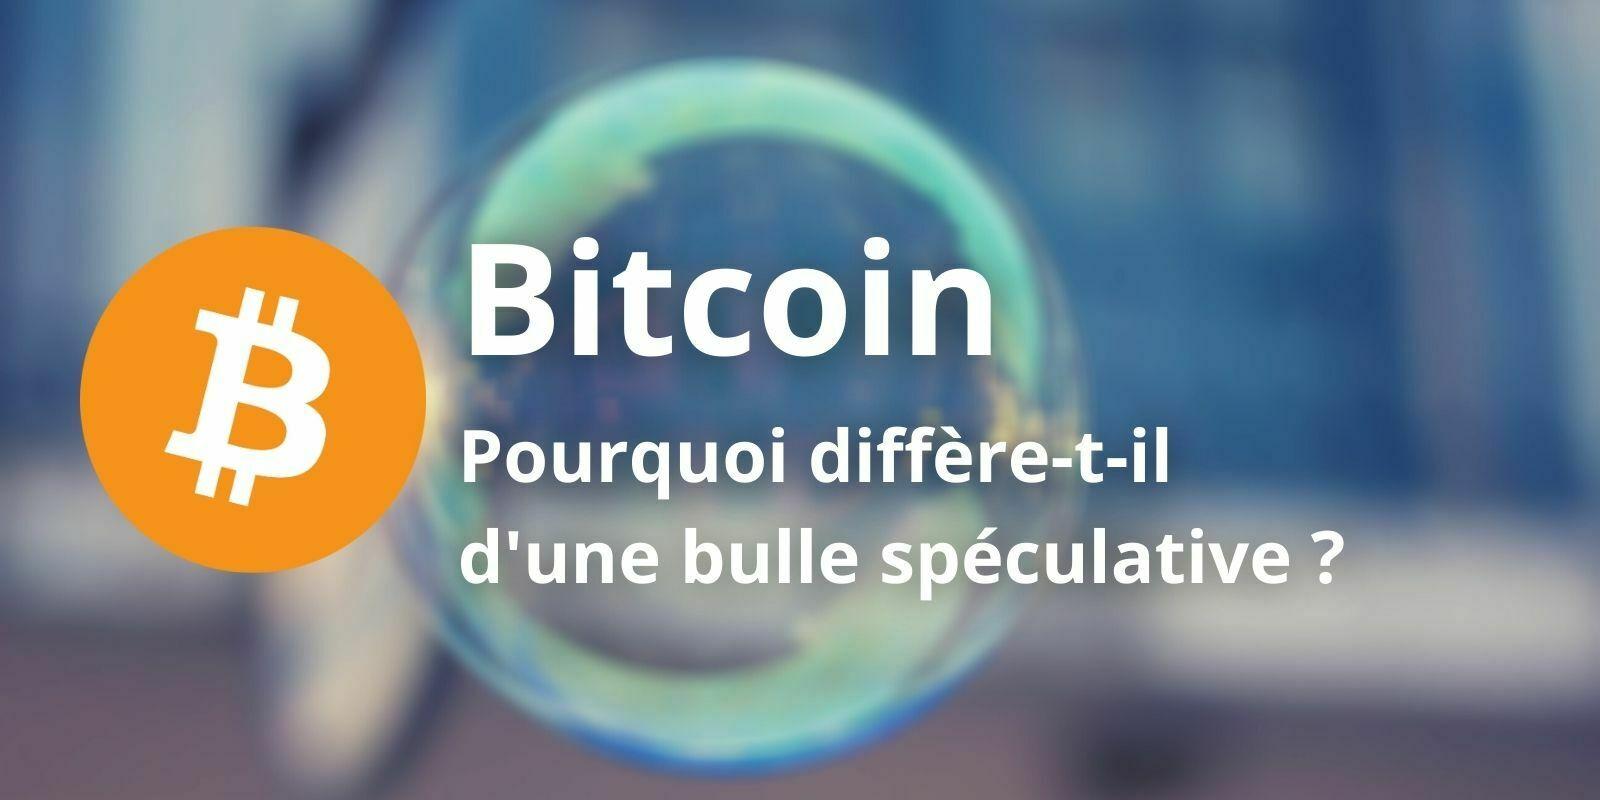 Le Bitcoin (BTC) est-il une bulle spéculative ?